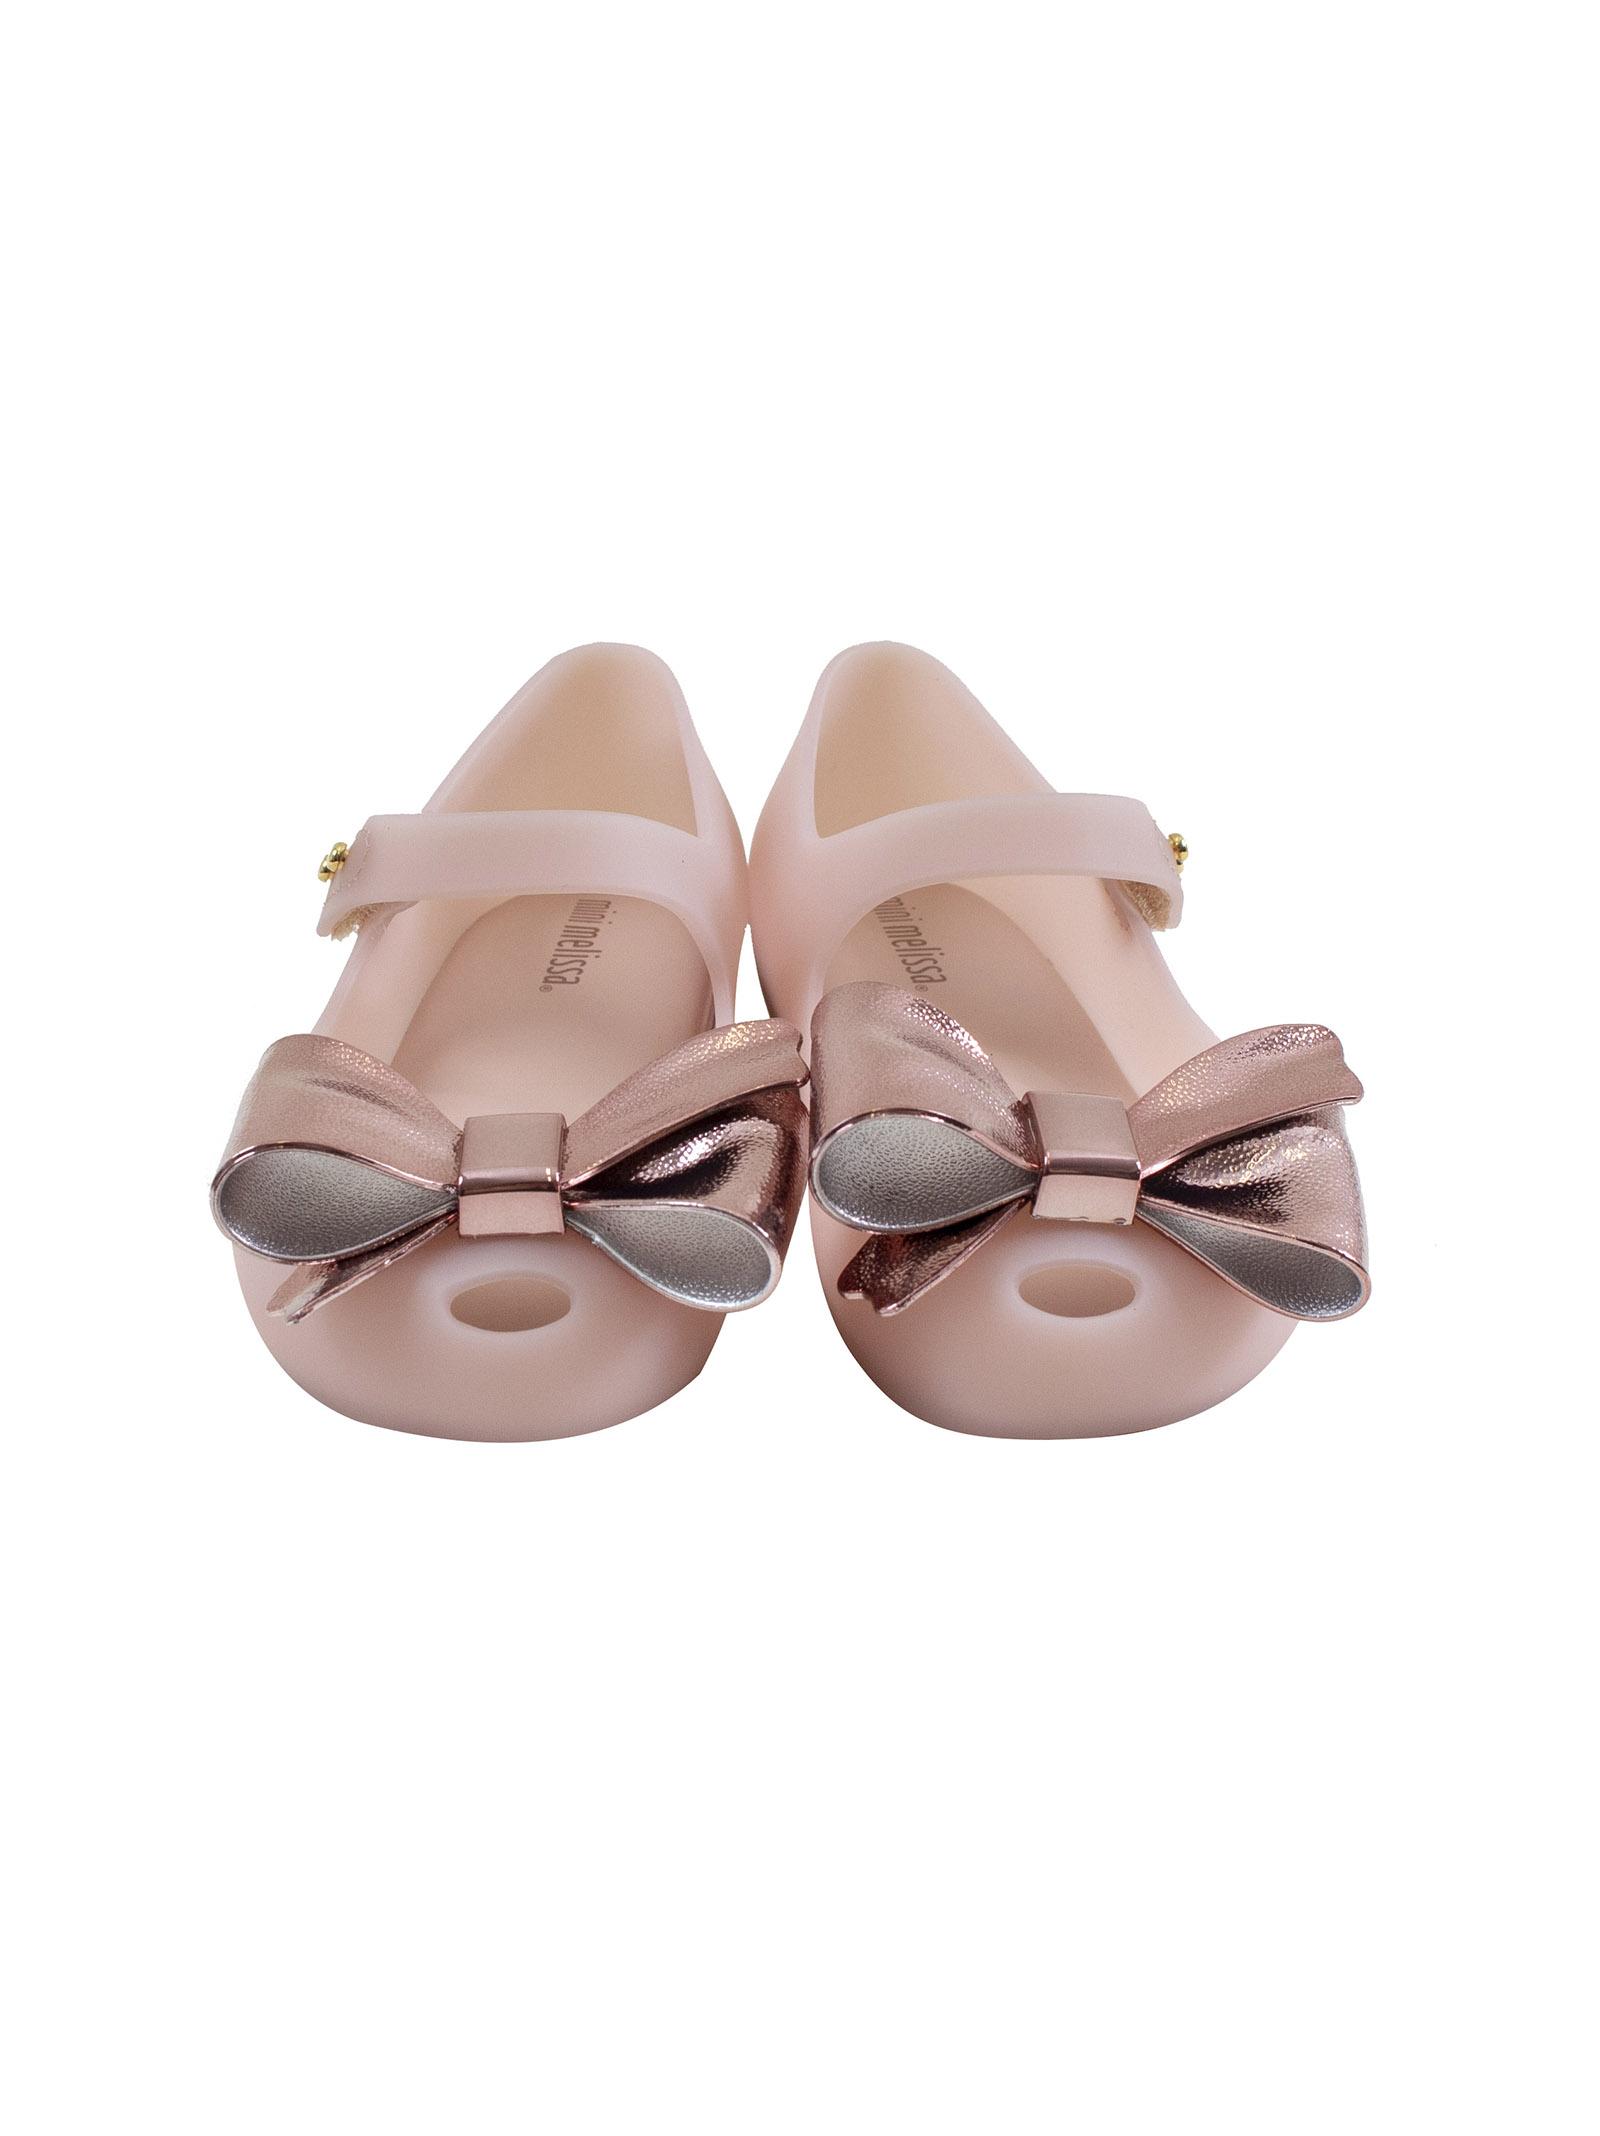 outlet store 9e507 b8230 Ballerine bambina con applicazione